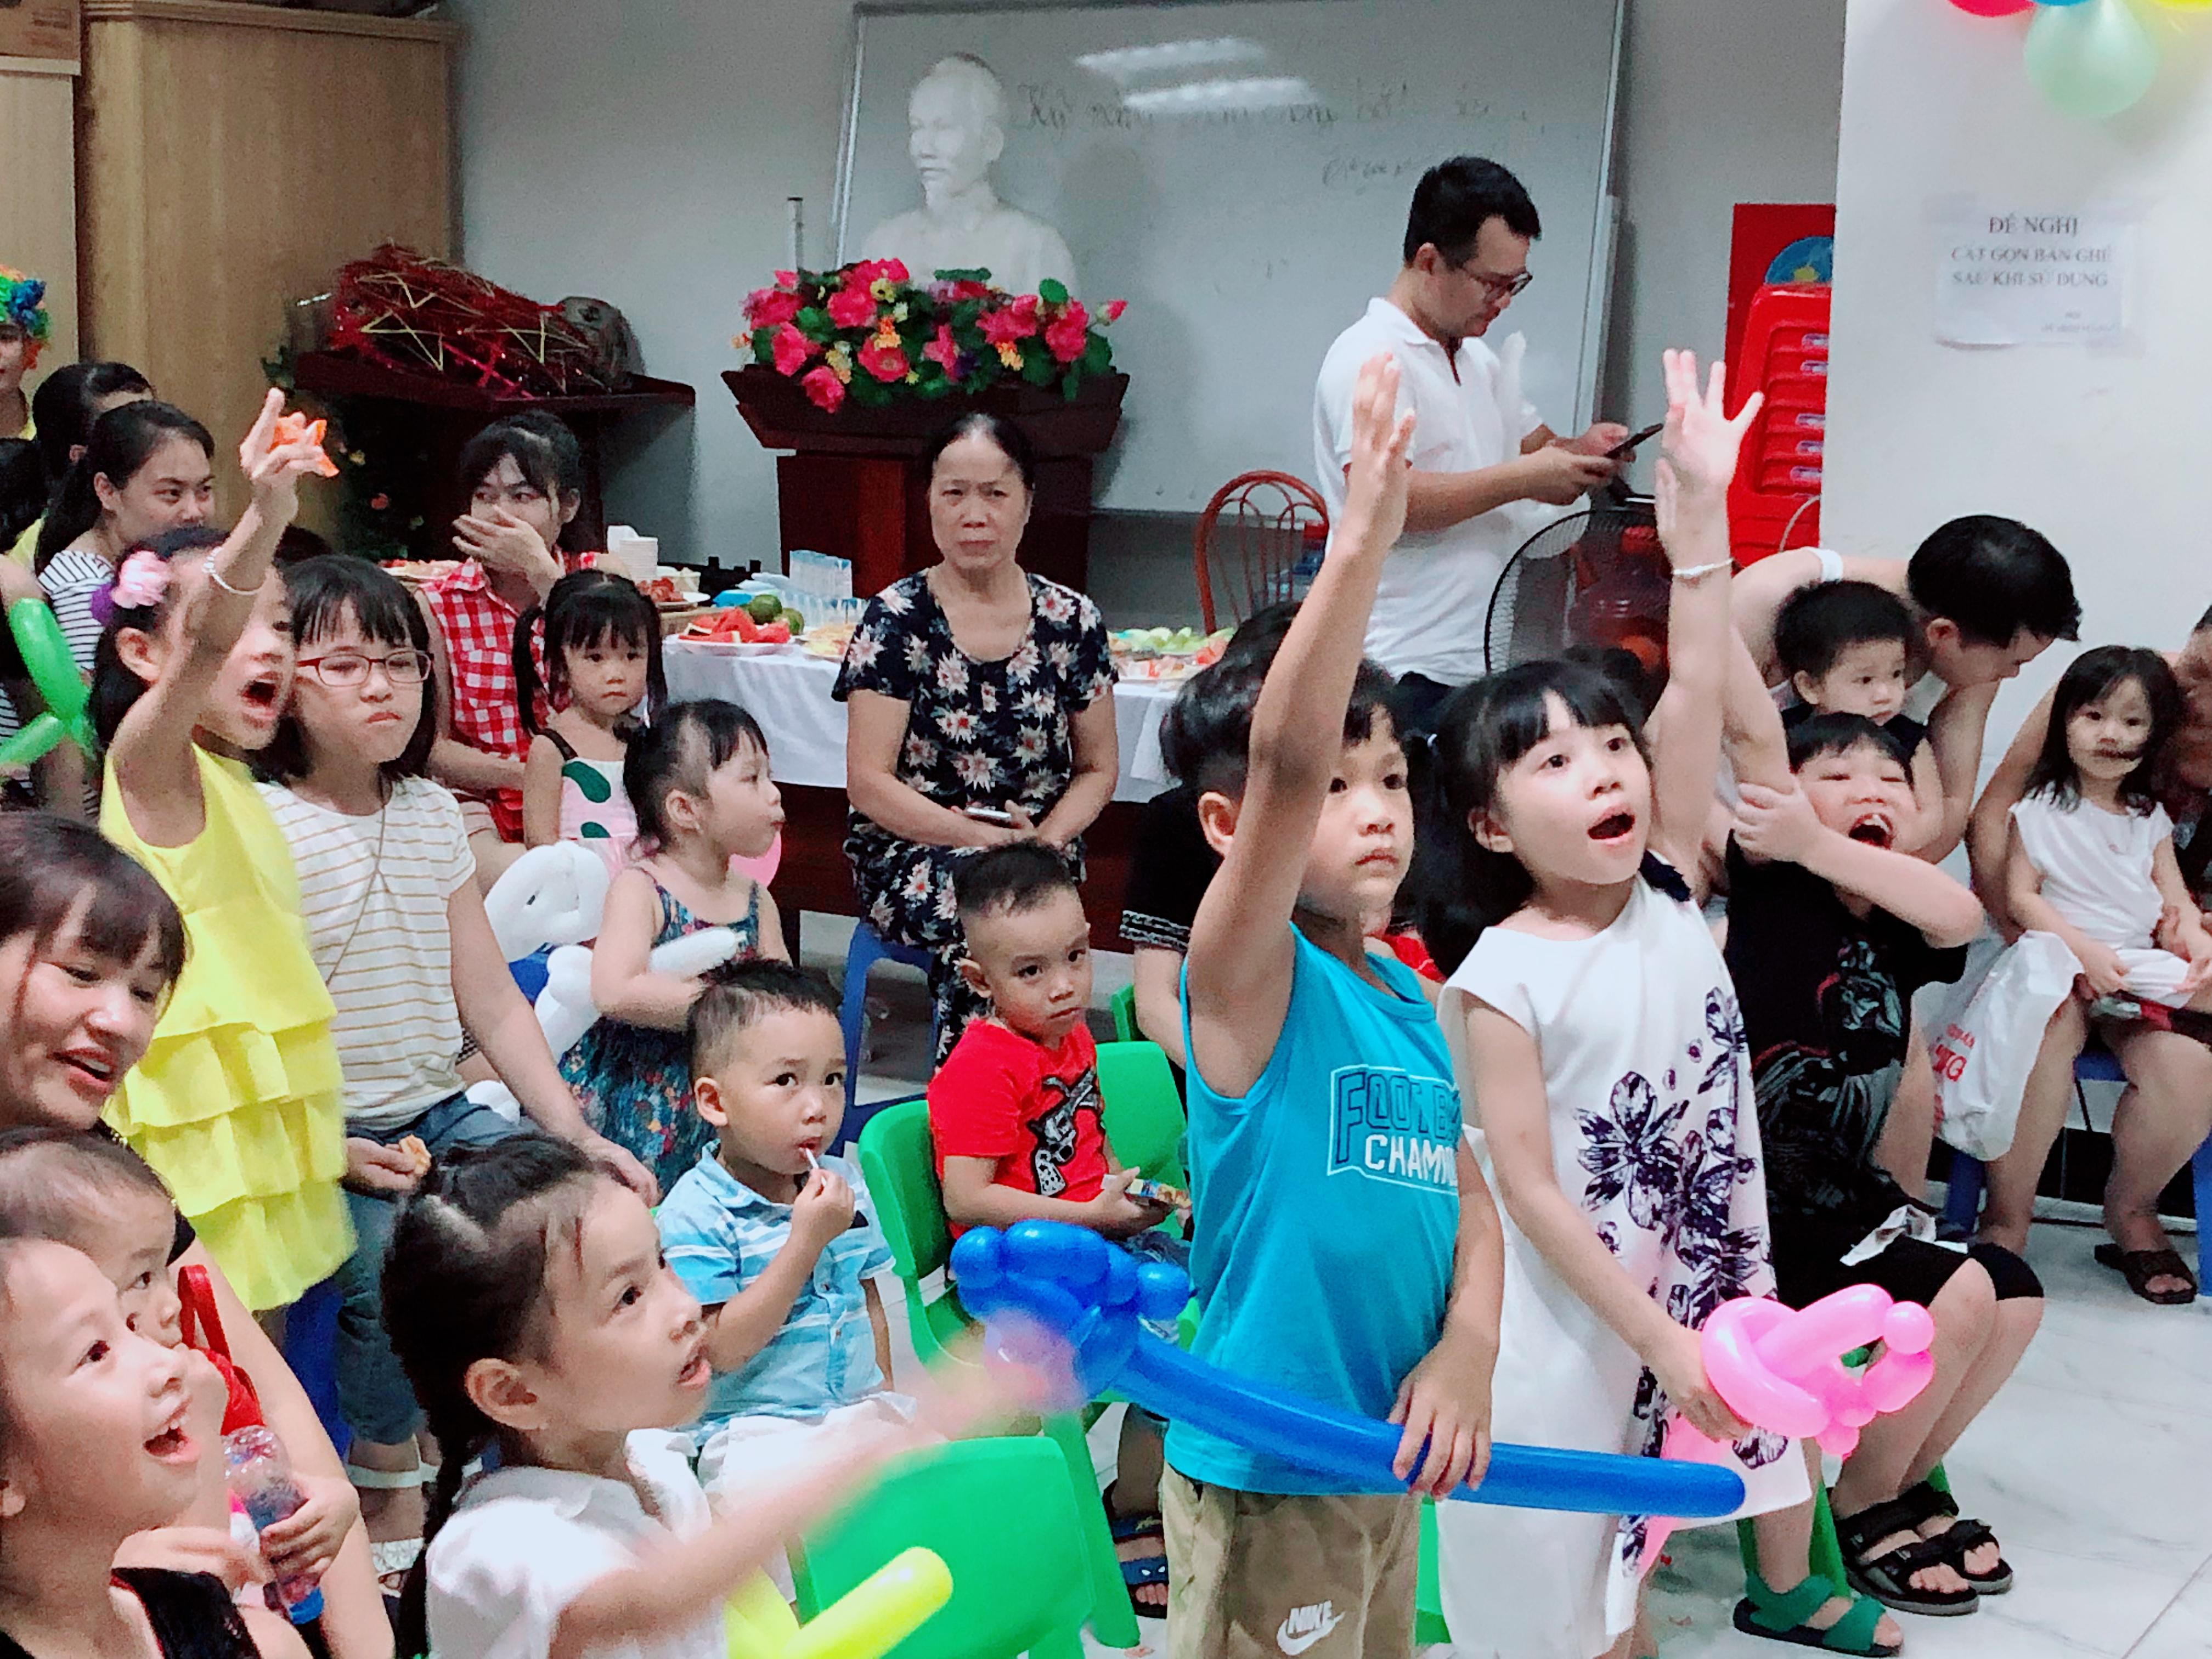 Các em nhỏ tham gia gameshow cùng chú cuội